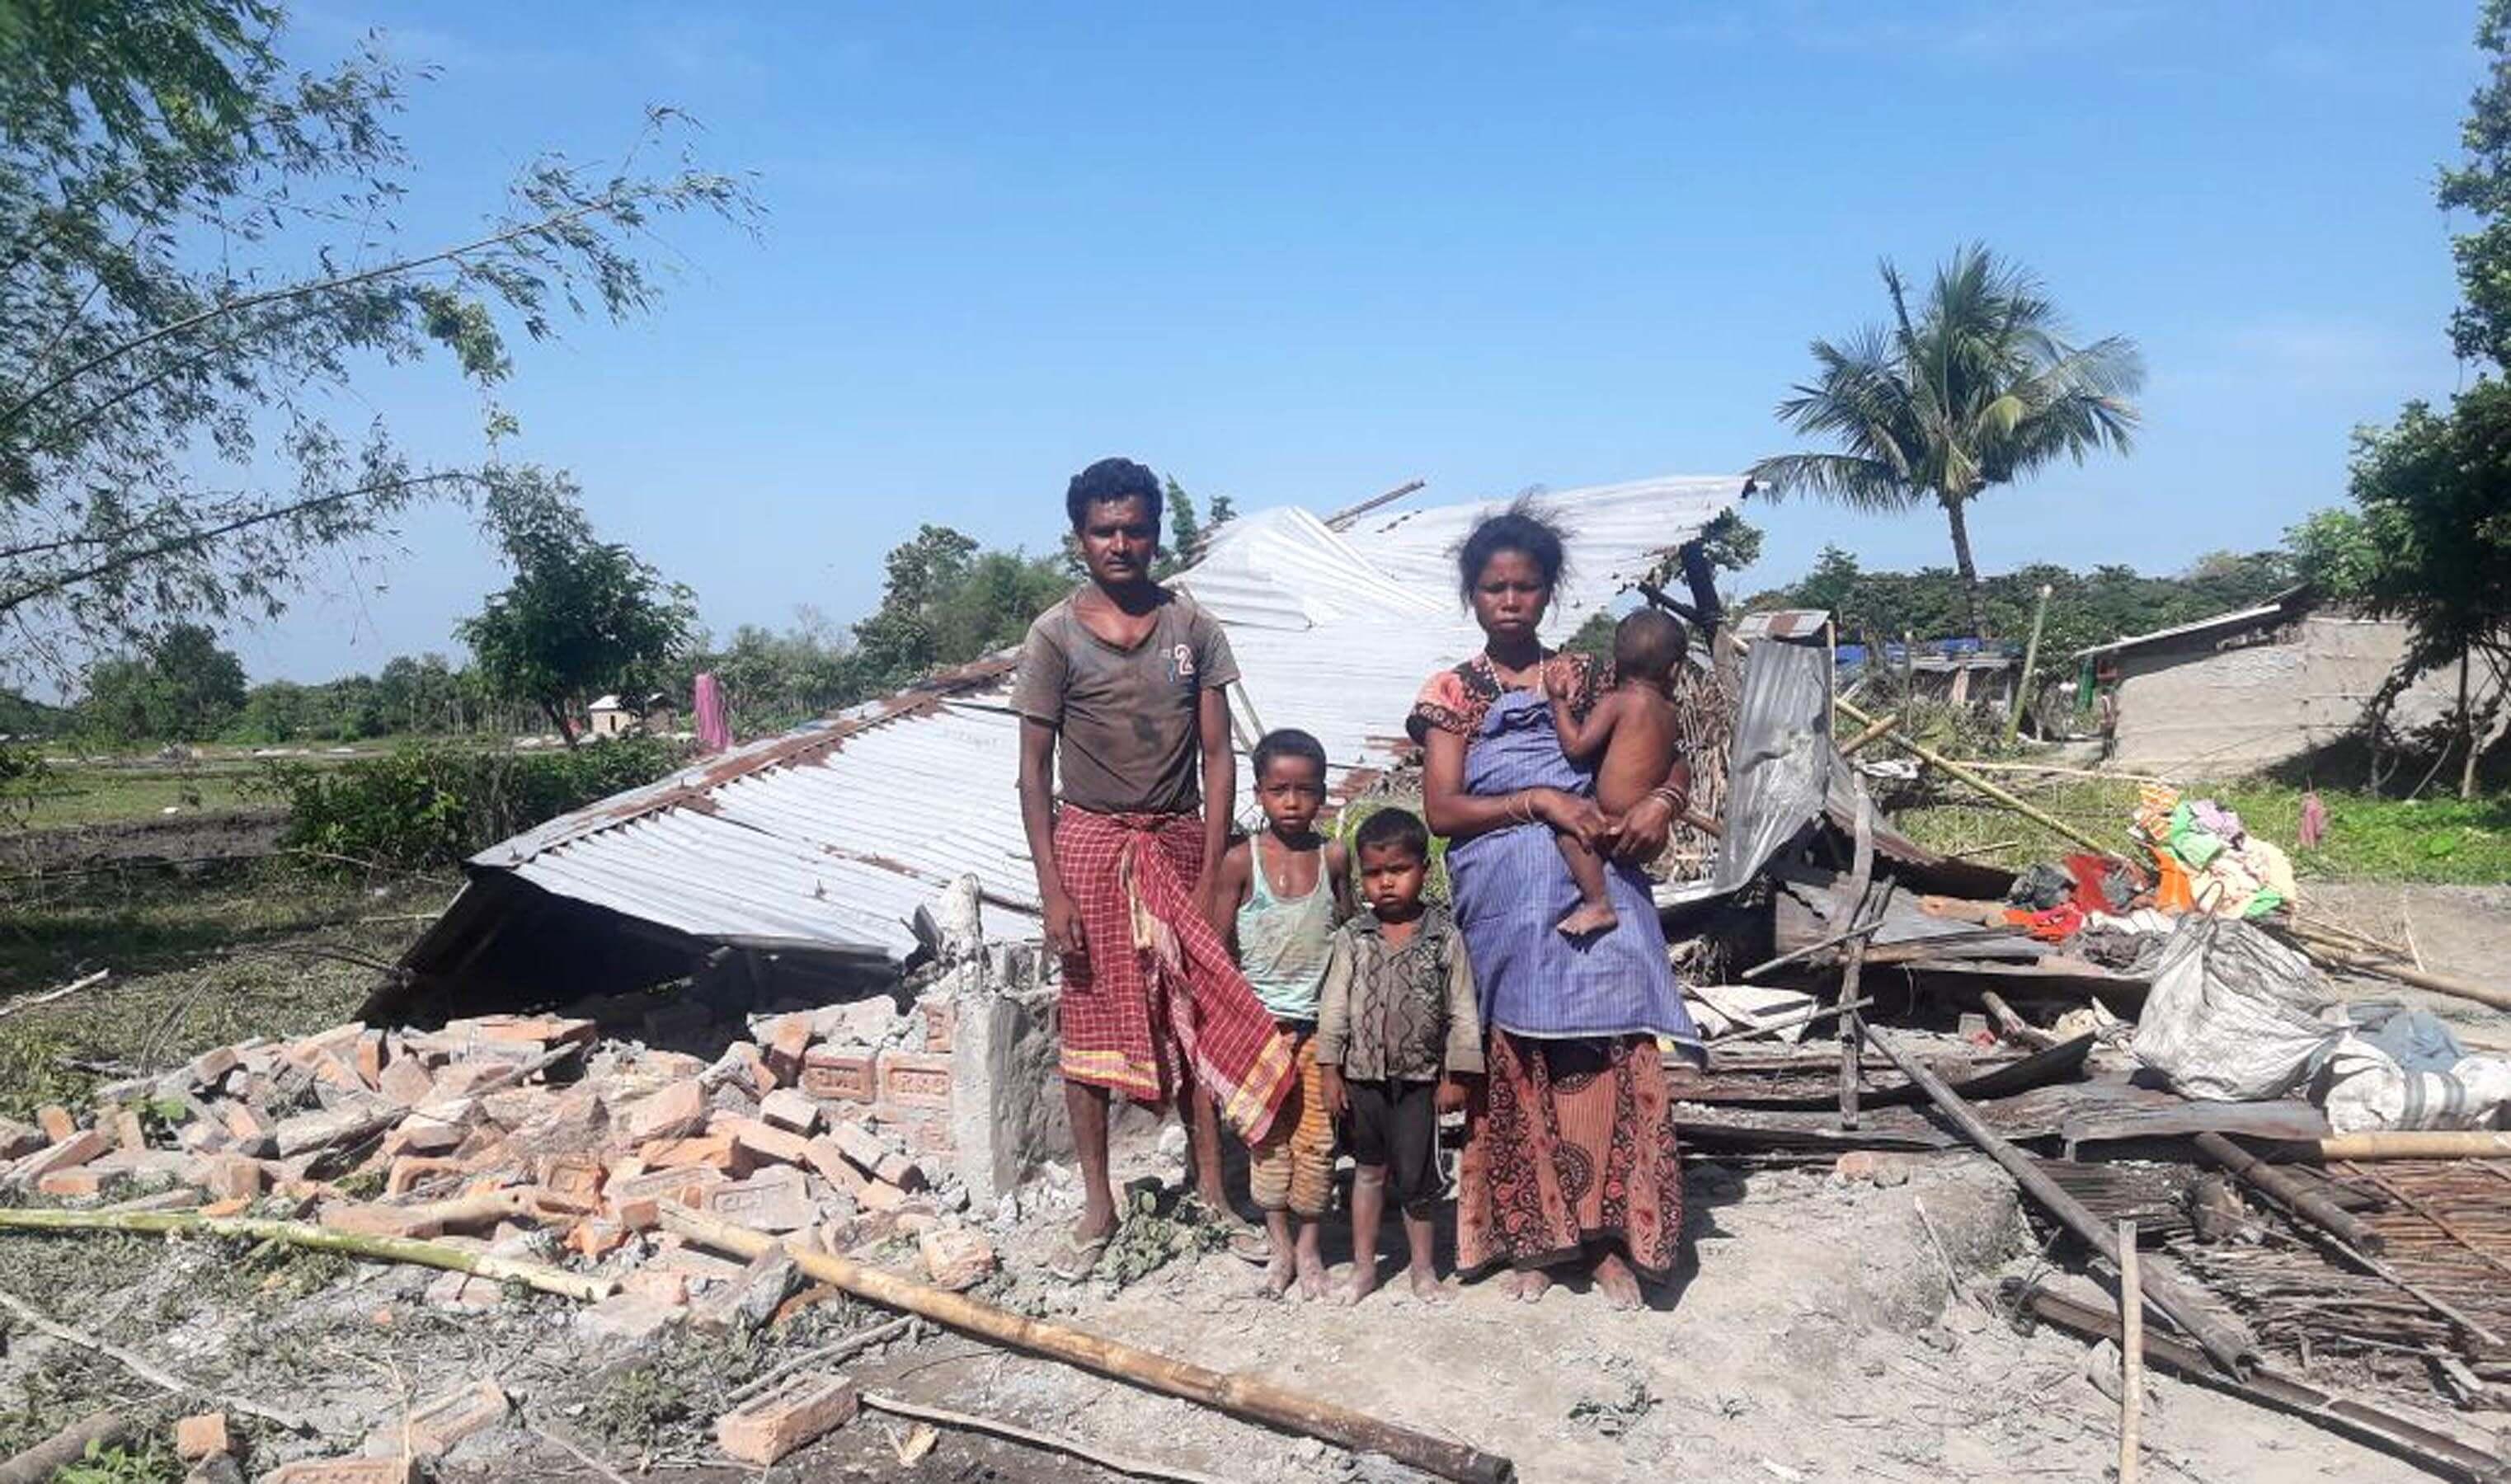 Elephants wreak havoc in Udalguri